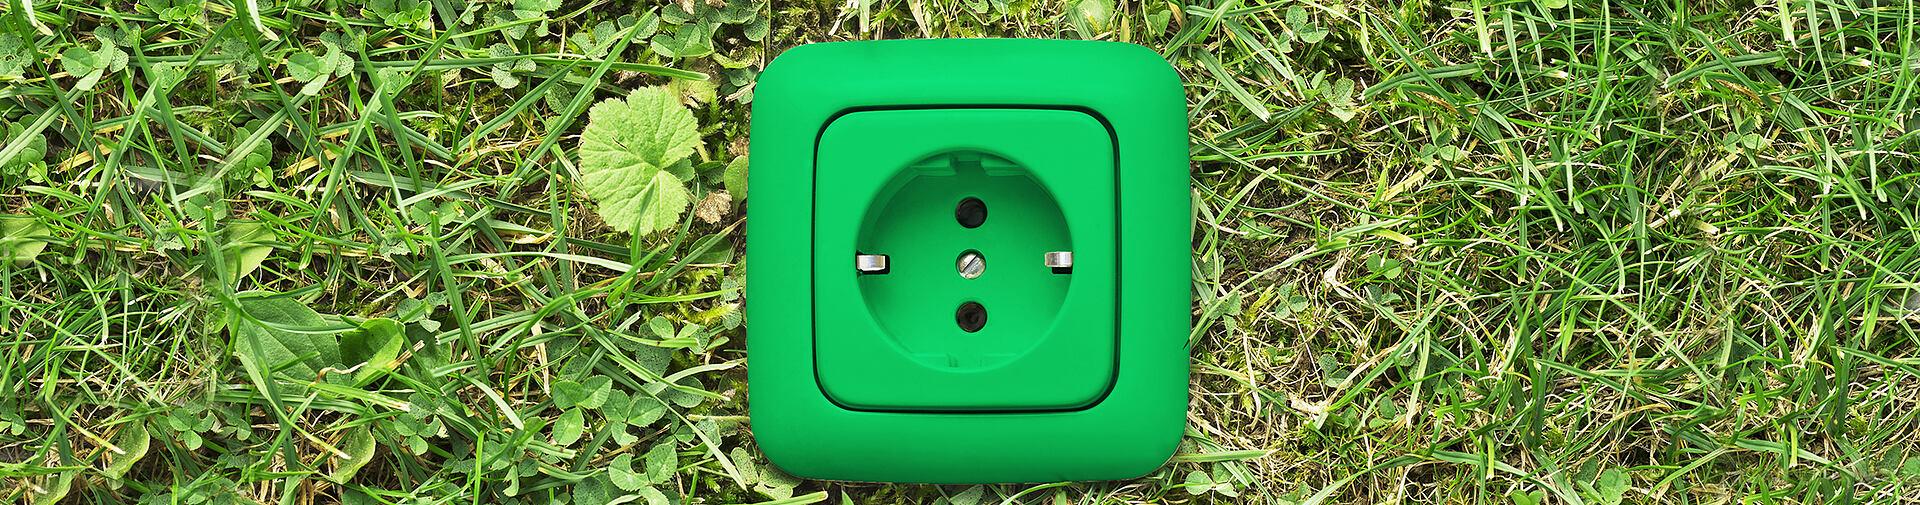 ETGAR - Energy to Garden